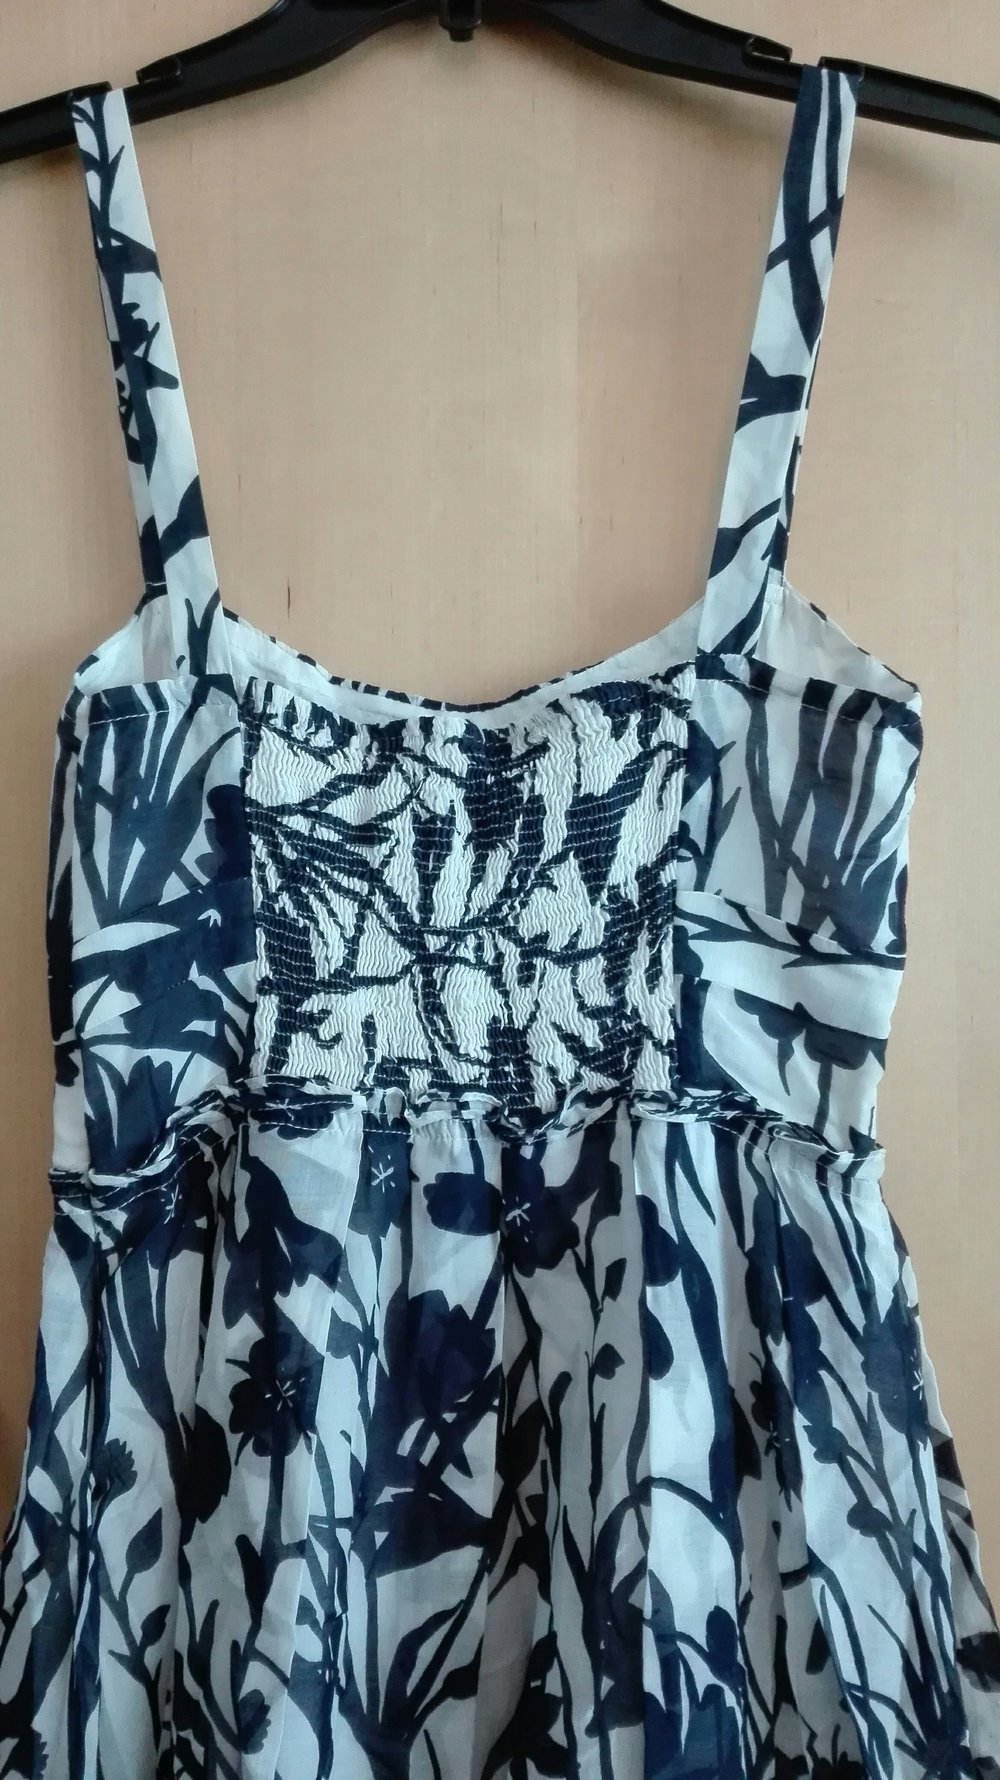 Zara Sommerkleid Kleid Blumen Weiss Blau Traumhaft Luftig 34 36 Xs S Kleiderkorb De